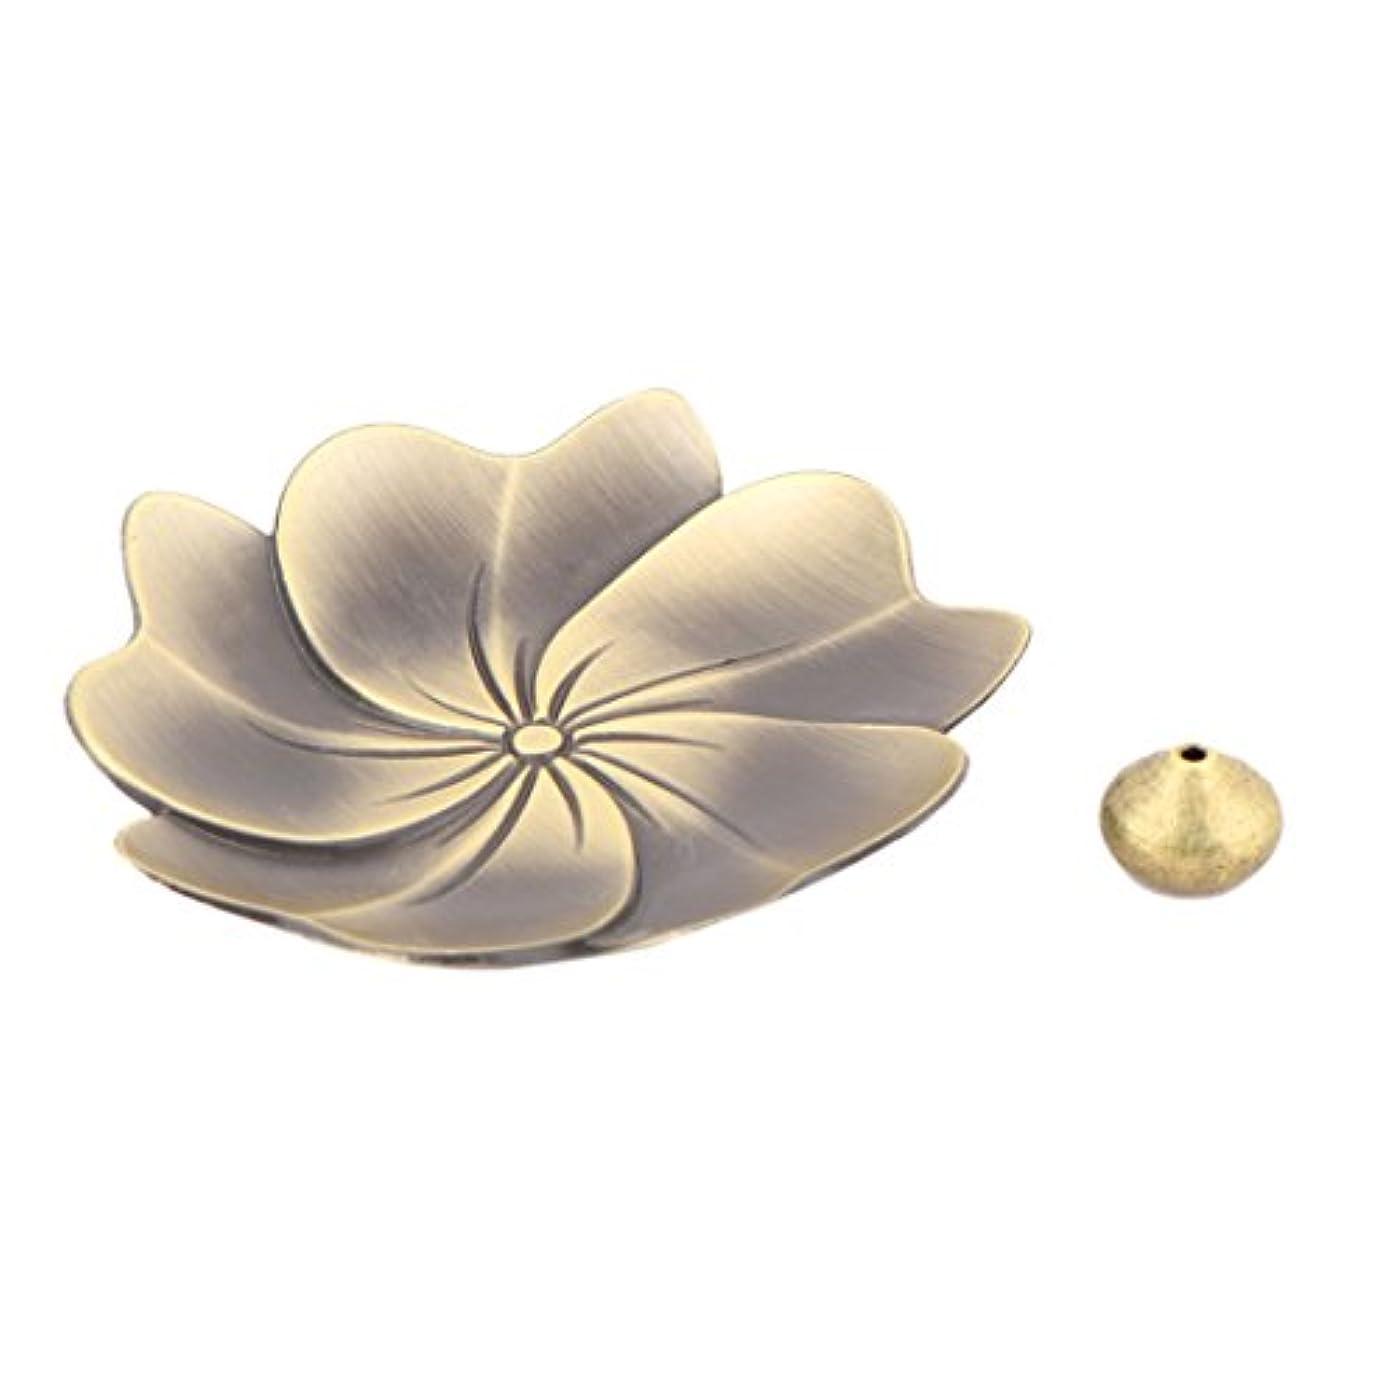 情報考えたグラスuxcell 香炉ホルダー お香立て インセンスホルダー 蓮 ロータス 花型 セット 金属製 家庭用 直径9cm